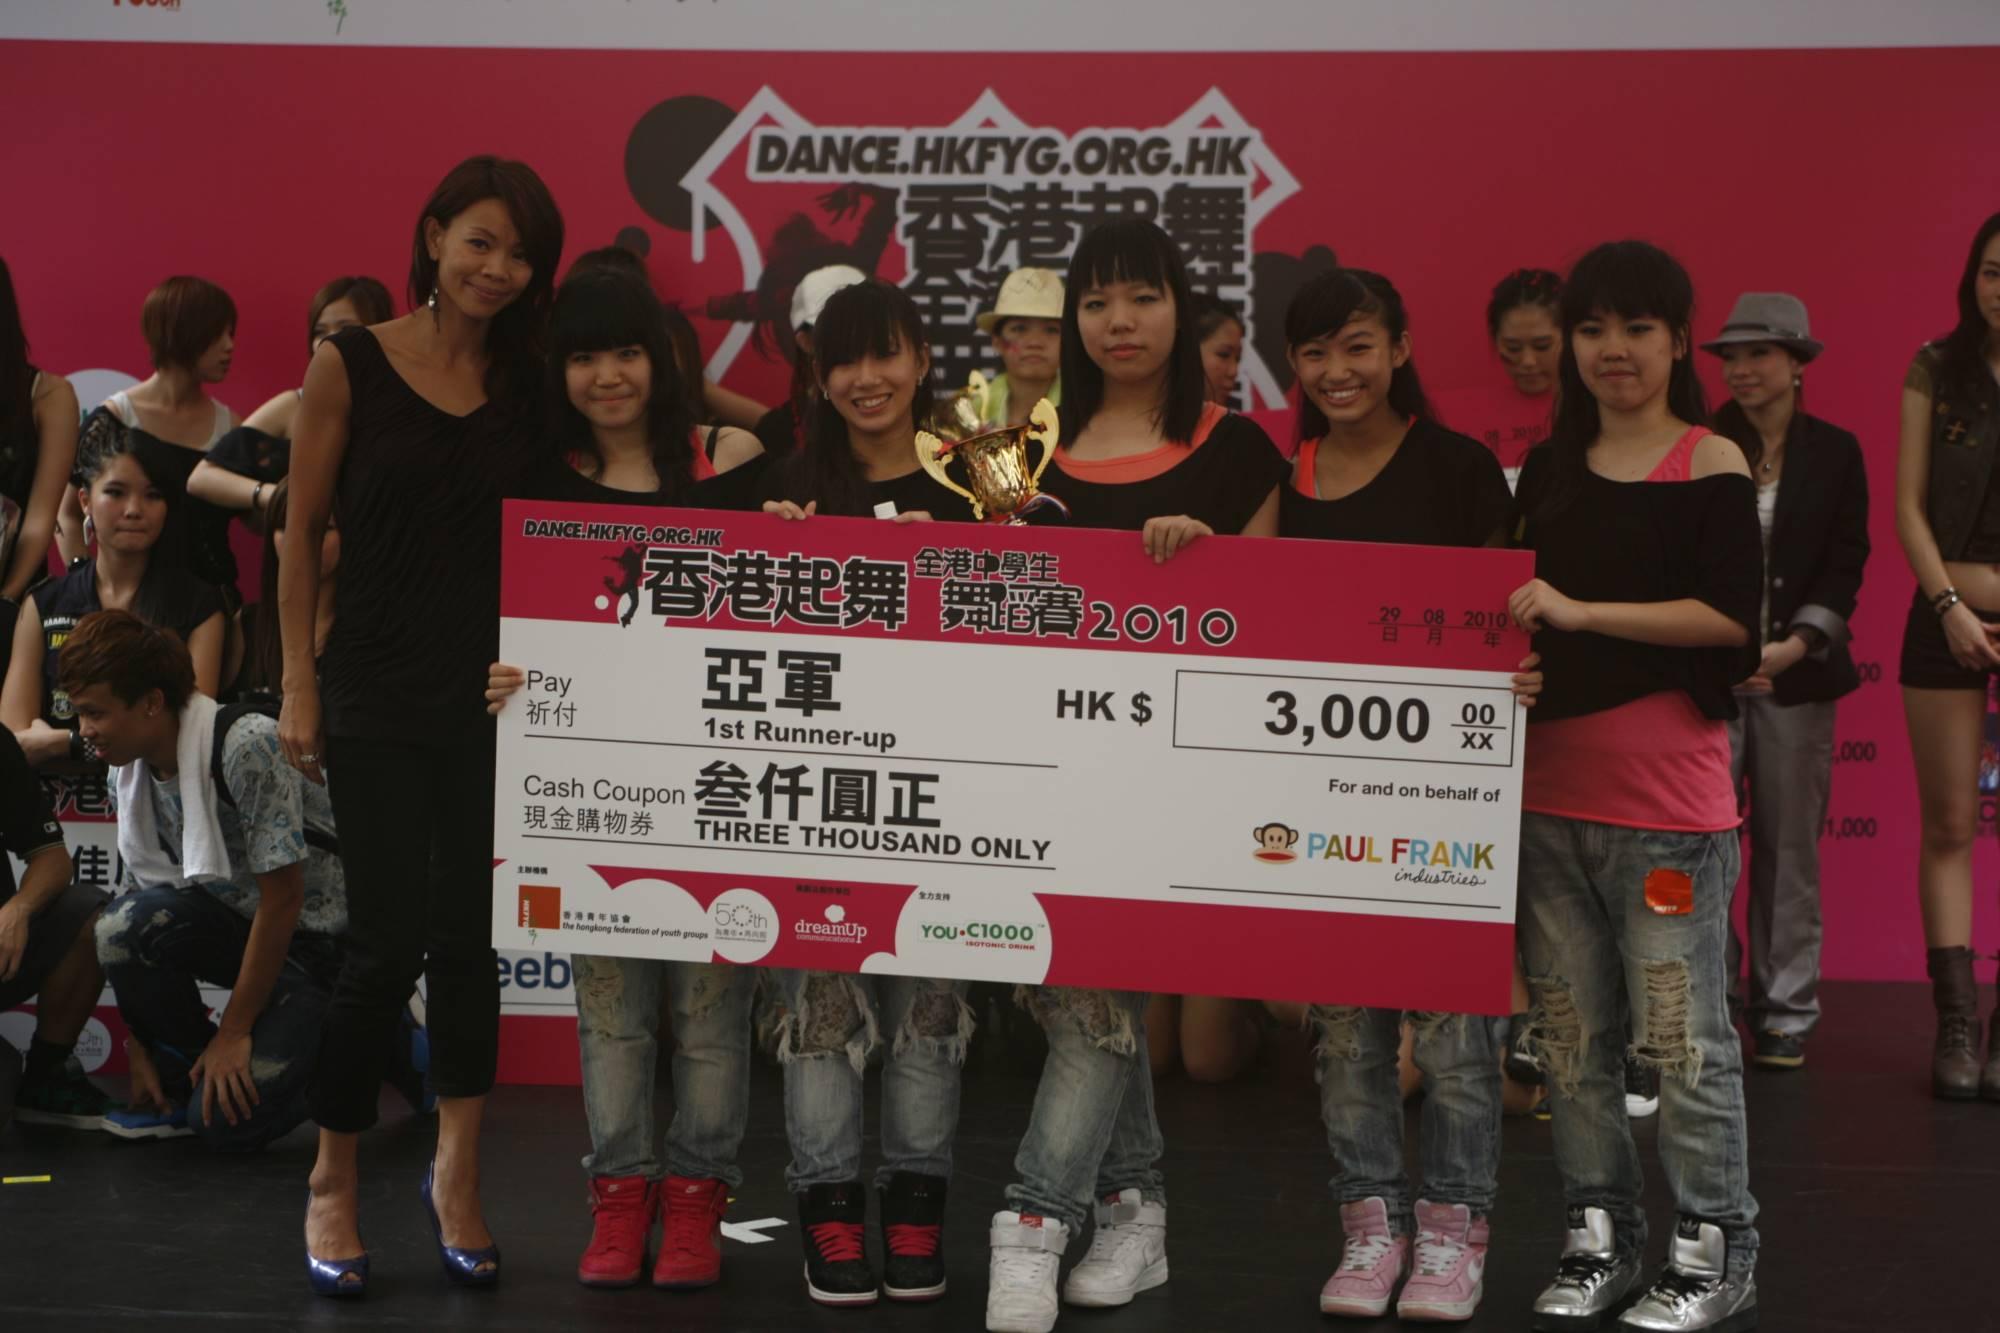 全港中學生舞蹈賽2010得獎隊伍 (4)